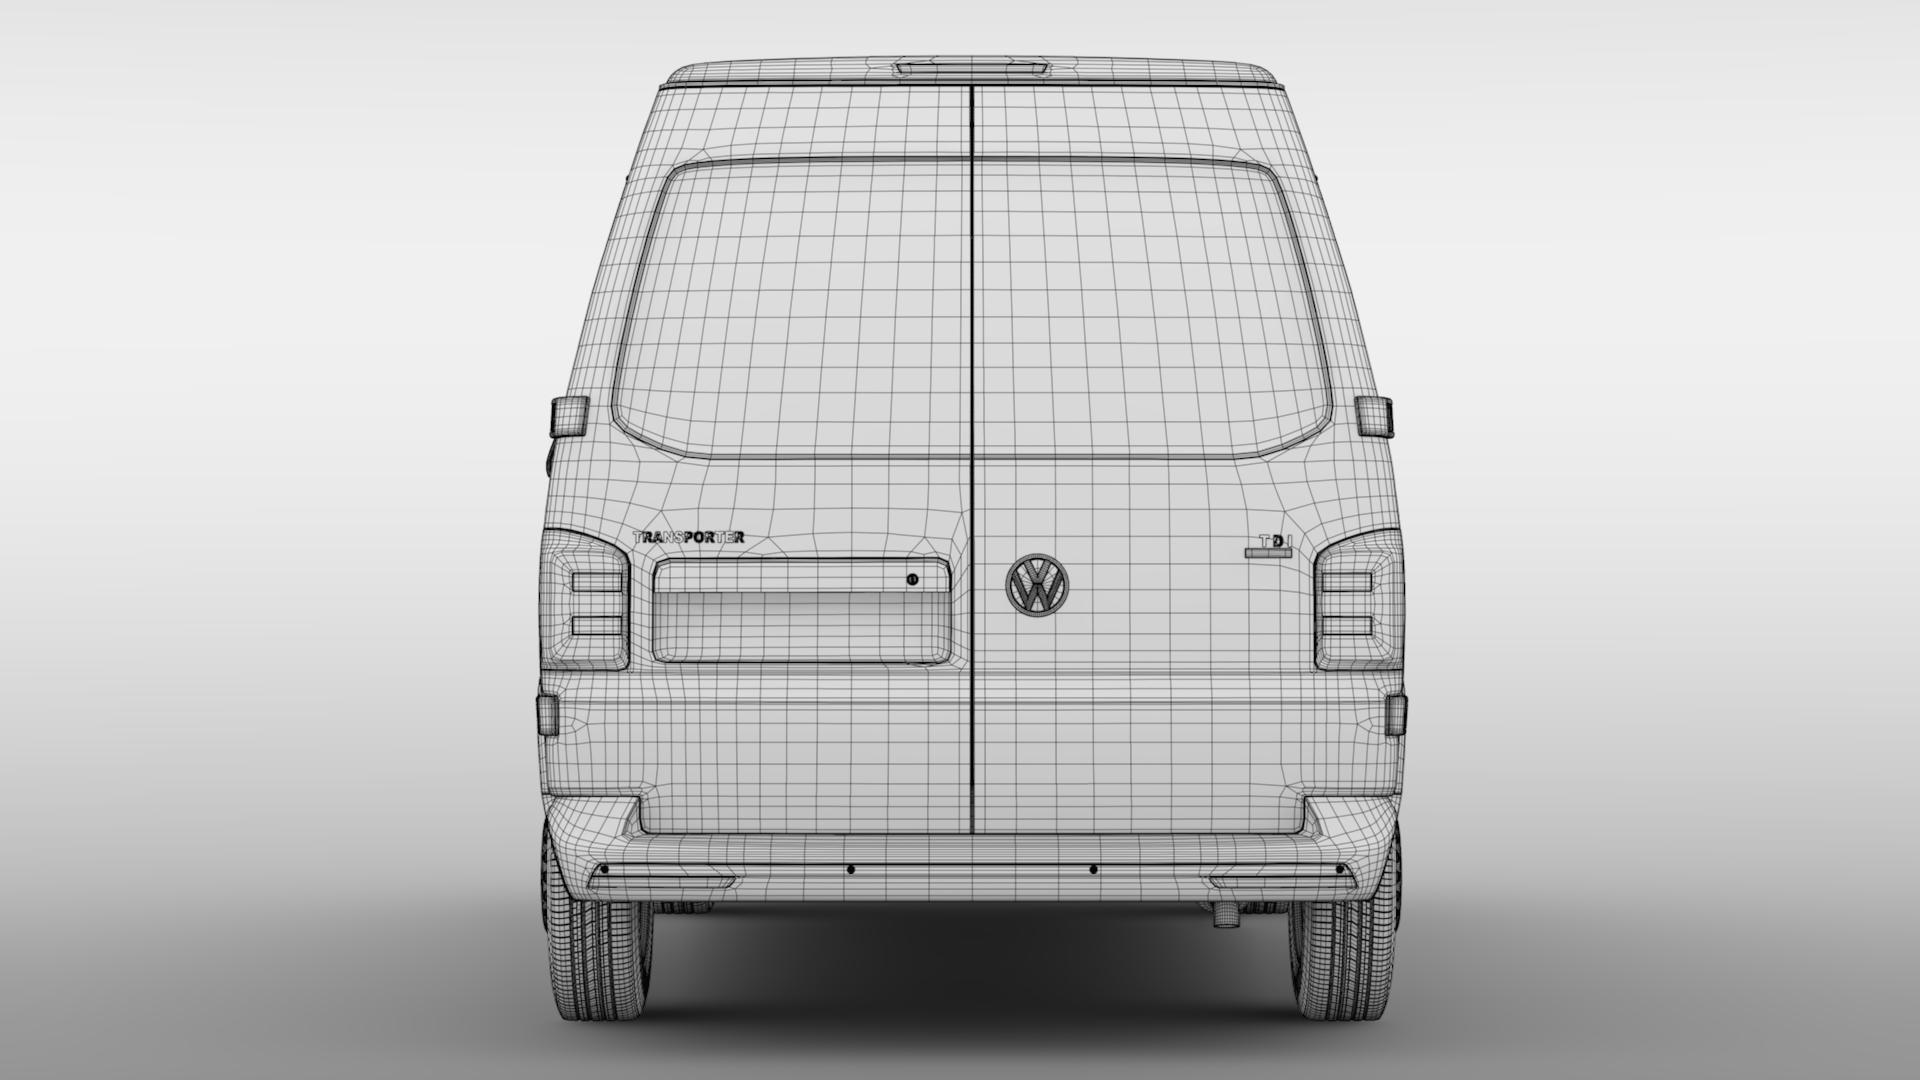 volkswagen transporter van l1h2 t6 2017 3d model max fbx c4d lwo ma mb hrc xsi obj 275161